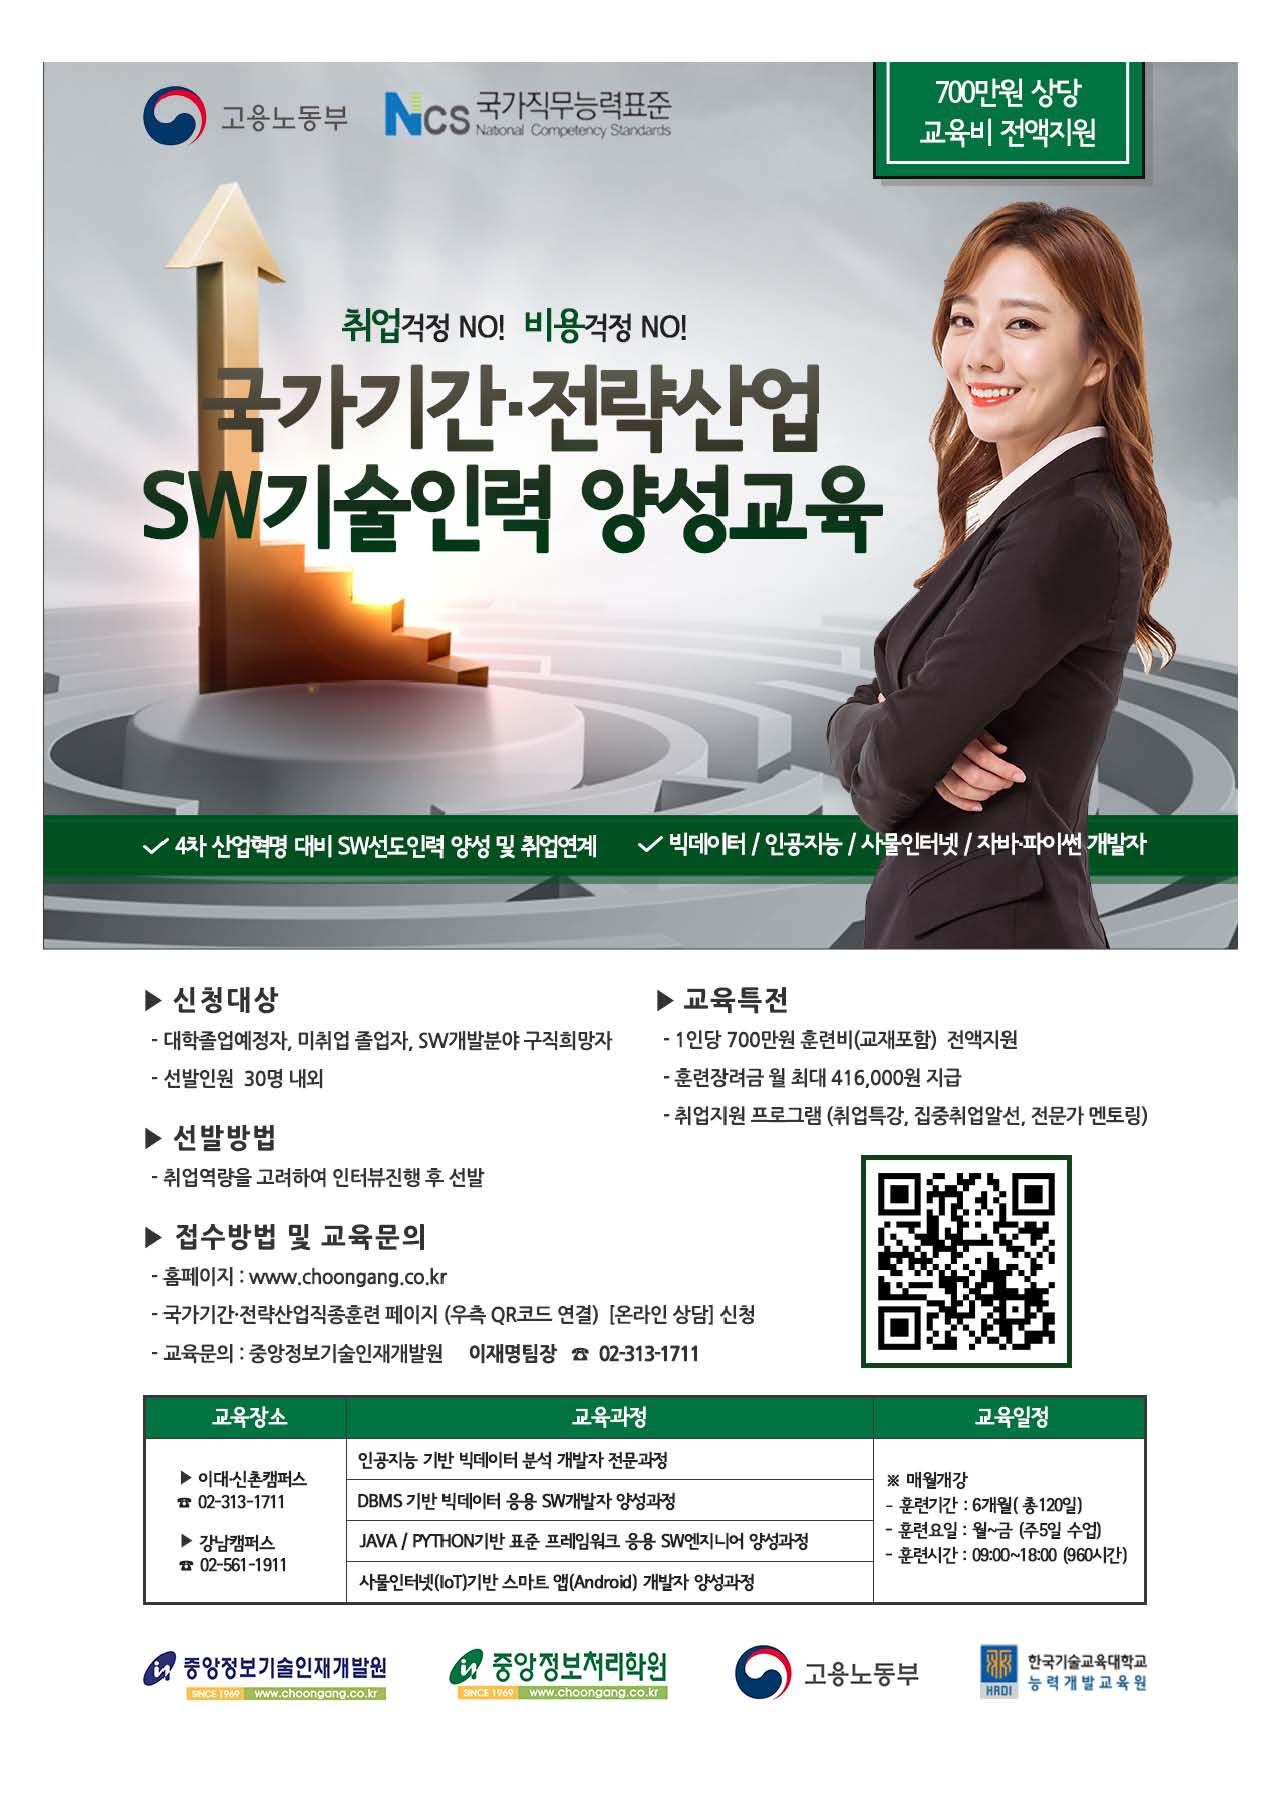 고용노동부 위탁 국비무료 취업교육 안내문_페이지_1.jpg